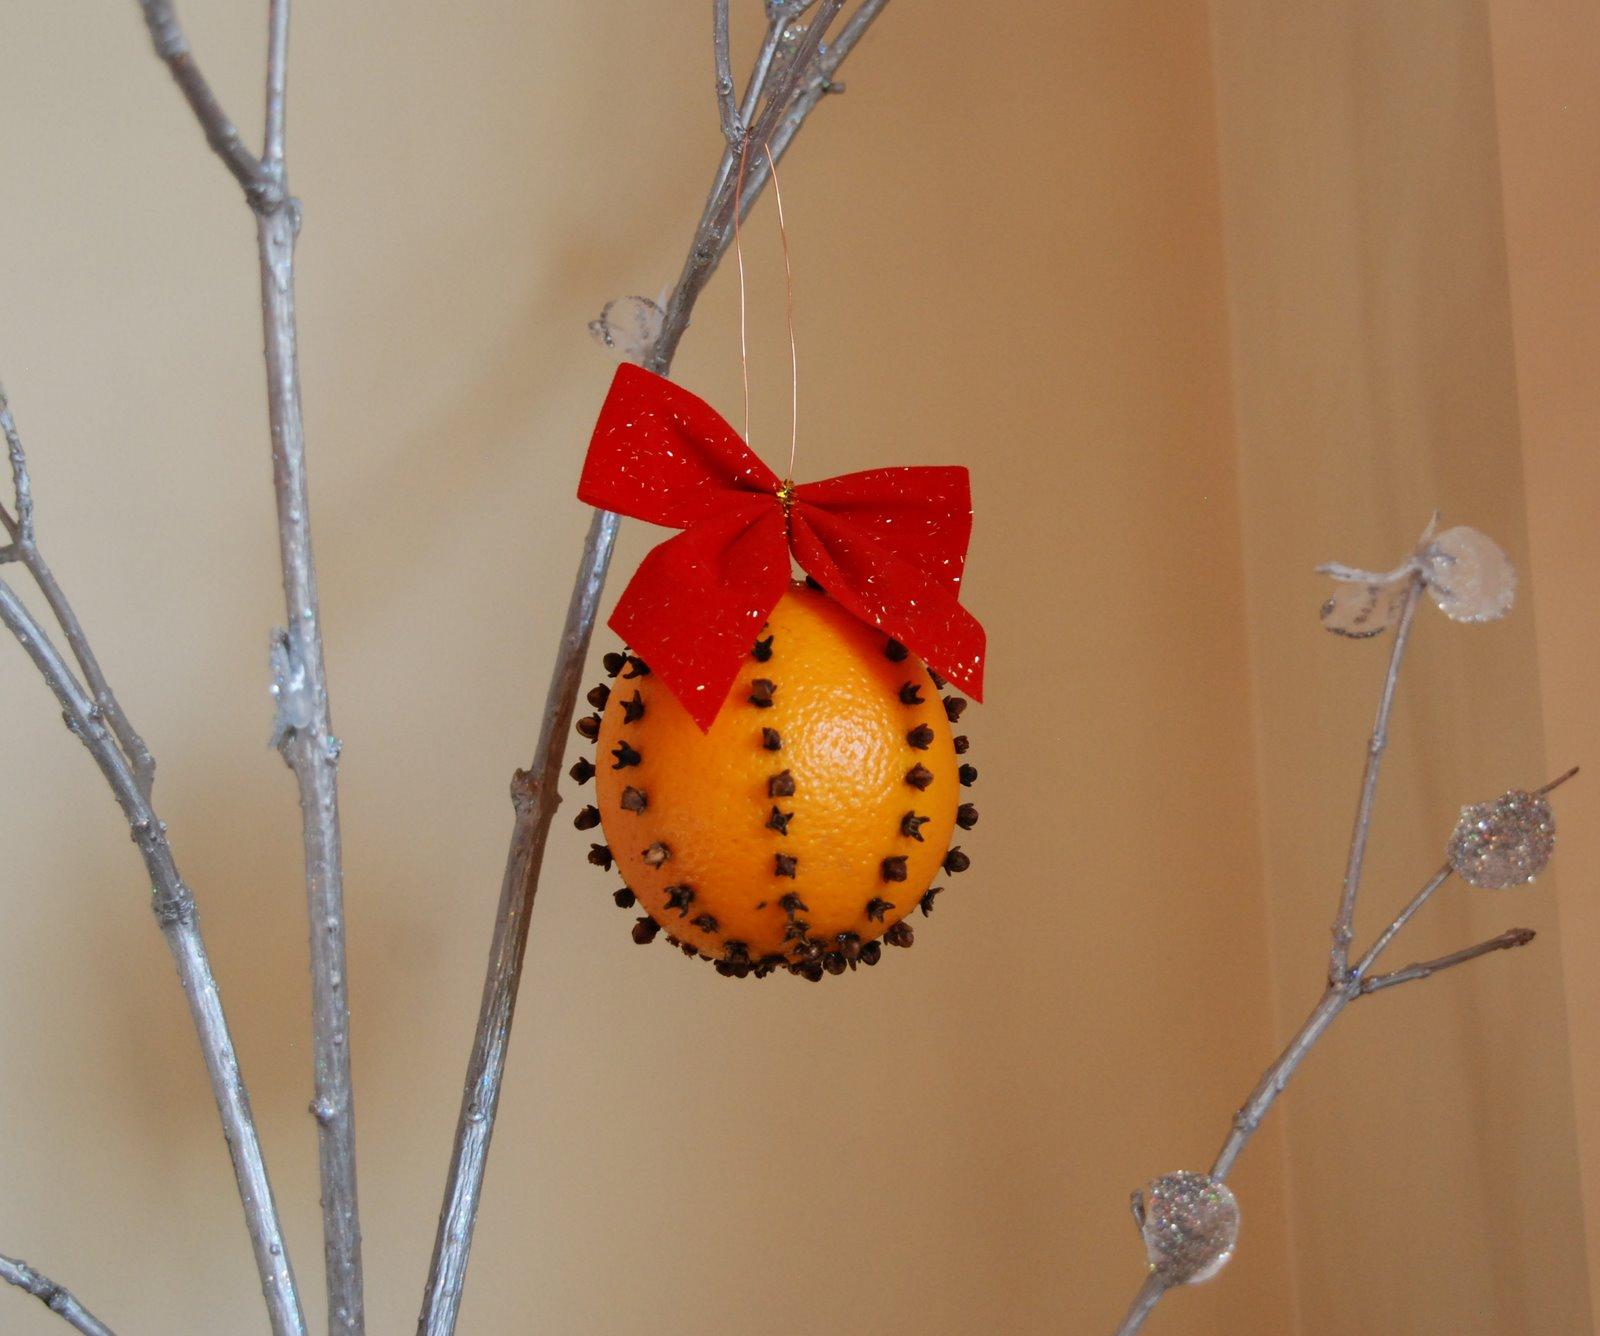 #B61504 20  Surprenant Décorations De Noël Avec Des Matières  6453 Décoration Noel Naturelle 1600x1336 px @ aertt.com